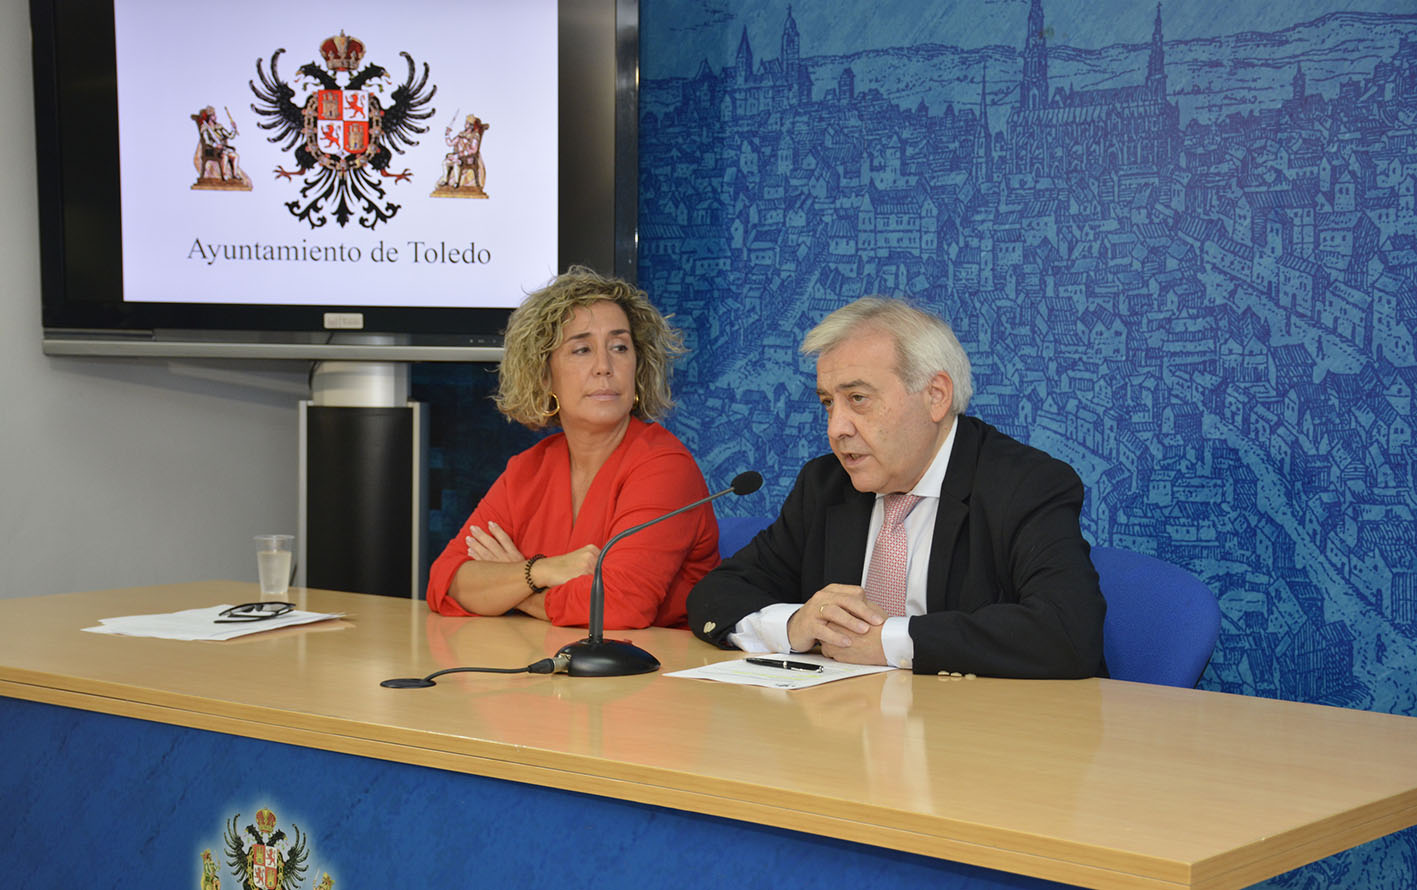 Marta Medina y Juanjo Pérez del Pino.